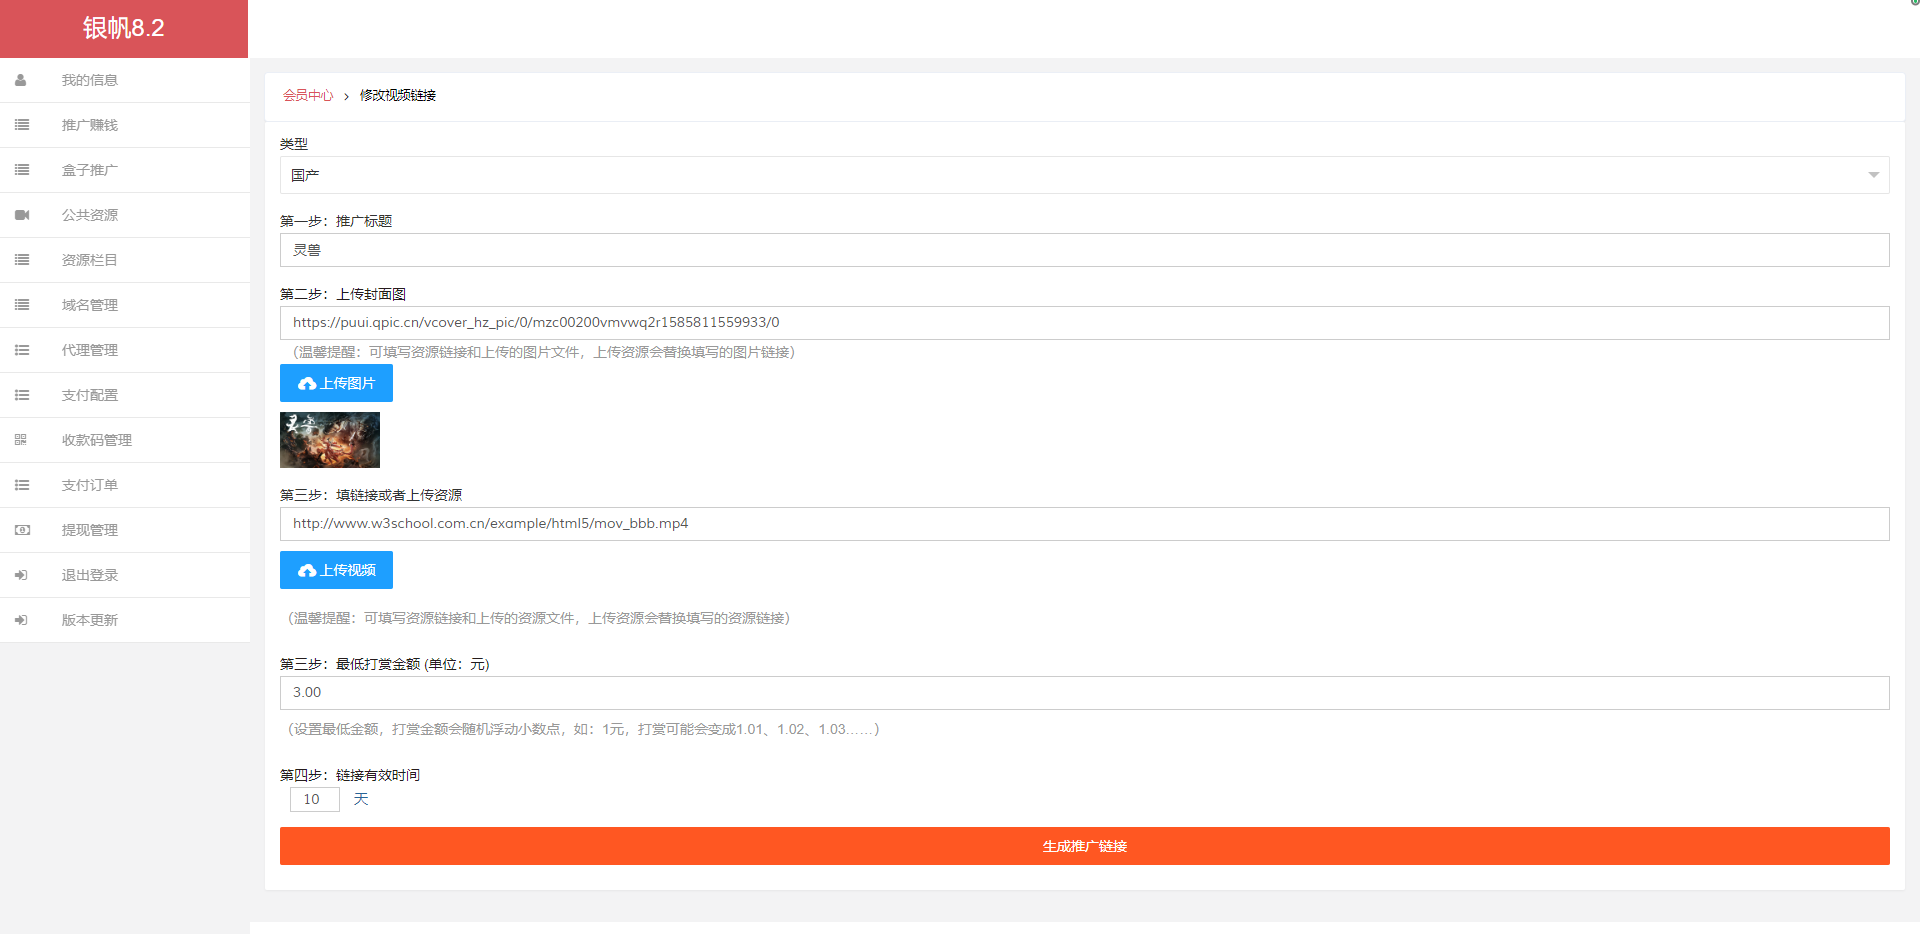 云赏8.2视频影视电影微赏包天月季年微赏会员版影视系统付费点播系统平台带支付接口网站源码下载